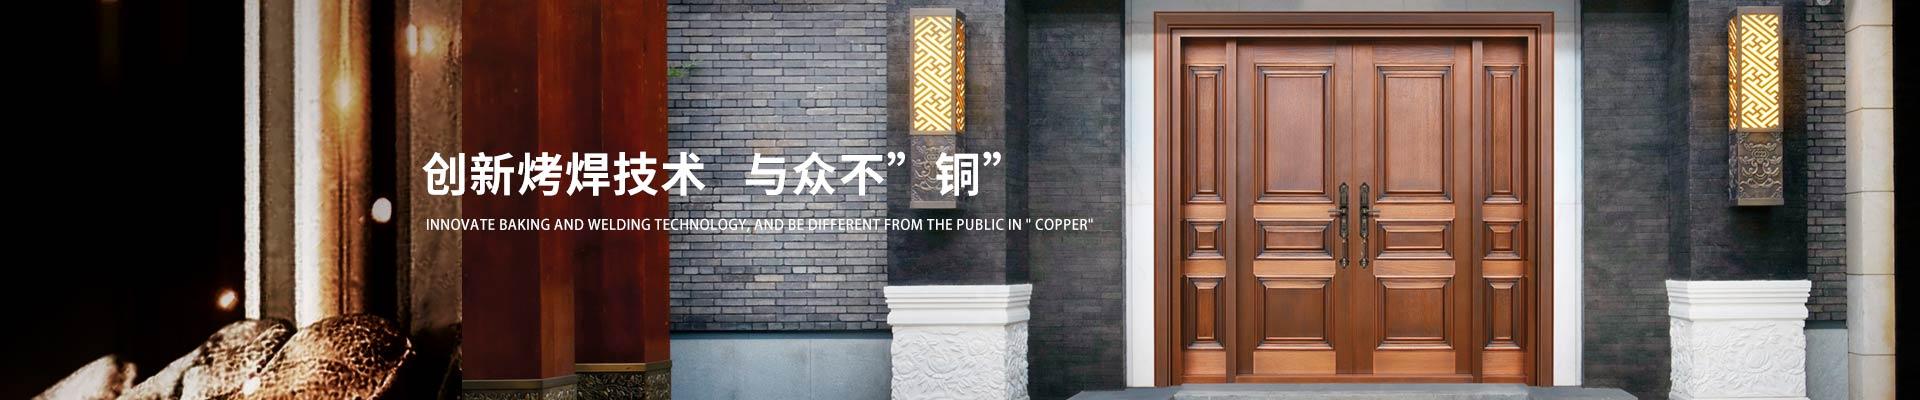 """爱唯门窗-创新烤焊技术,与众不""""铜"""""""